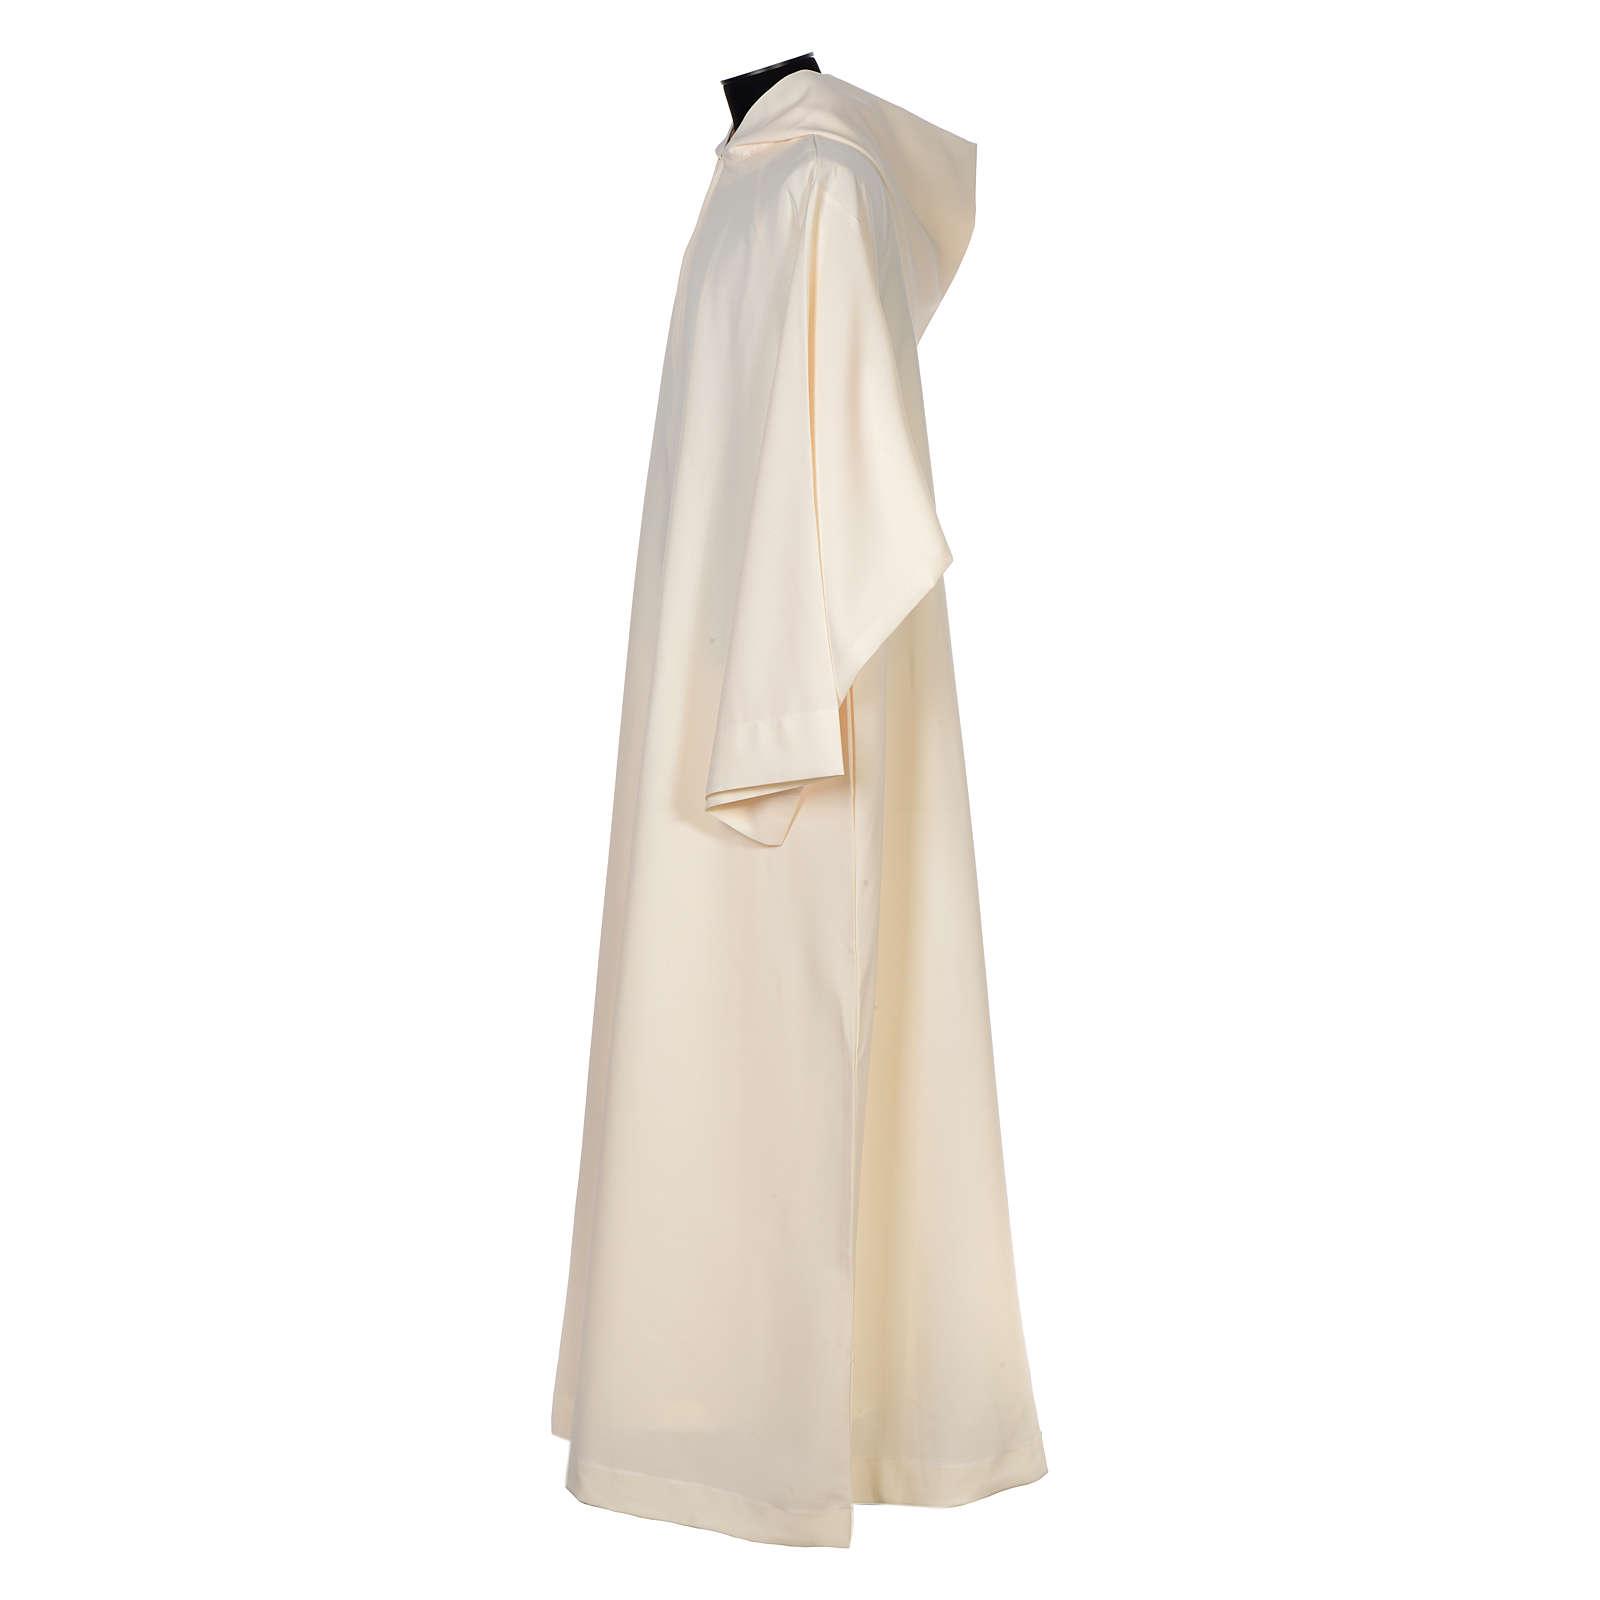 Aube ivoire évasé ample capuche 100% polyester 4